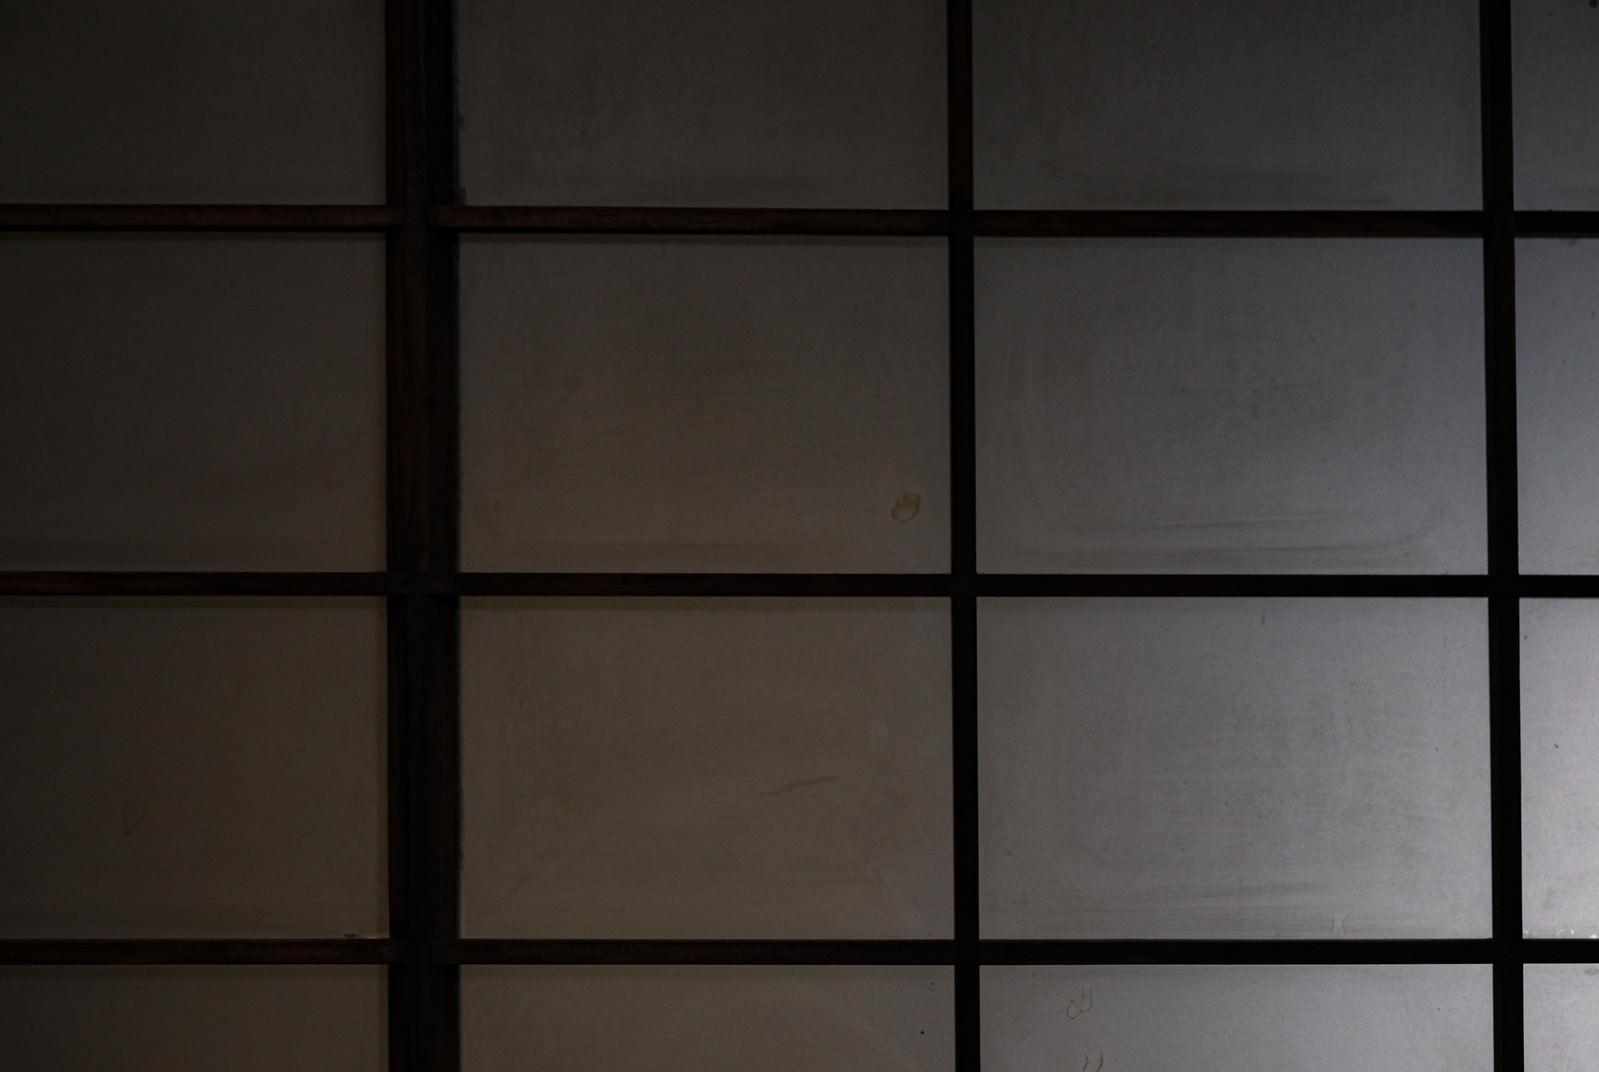 「薄暗い障子」の写真